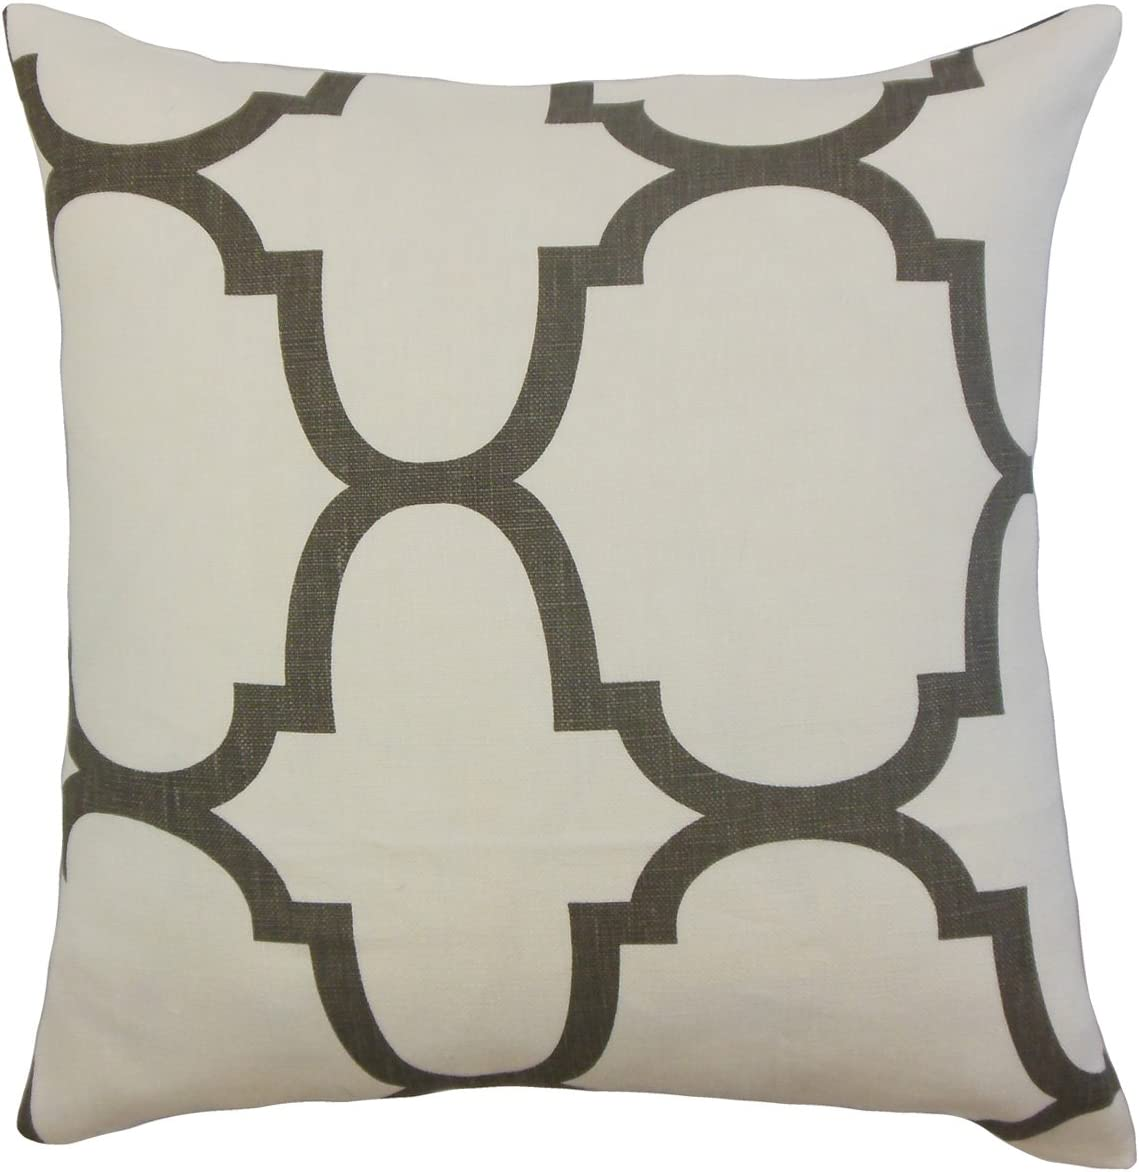 The Pillow Collection Cascade Geometric Bedding Sham Clove Queen//20 x 30